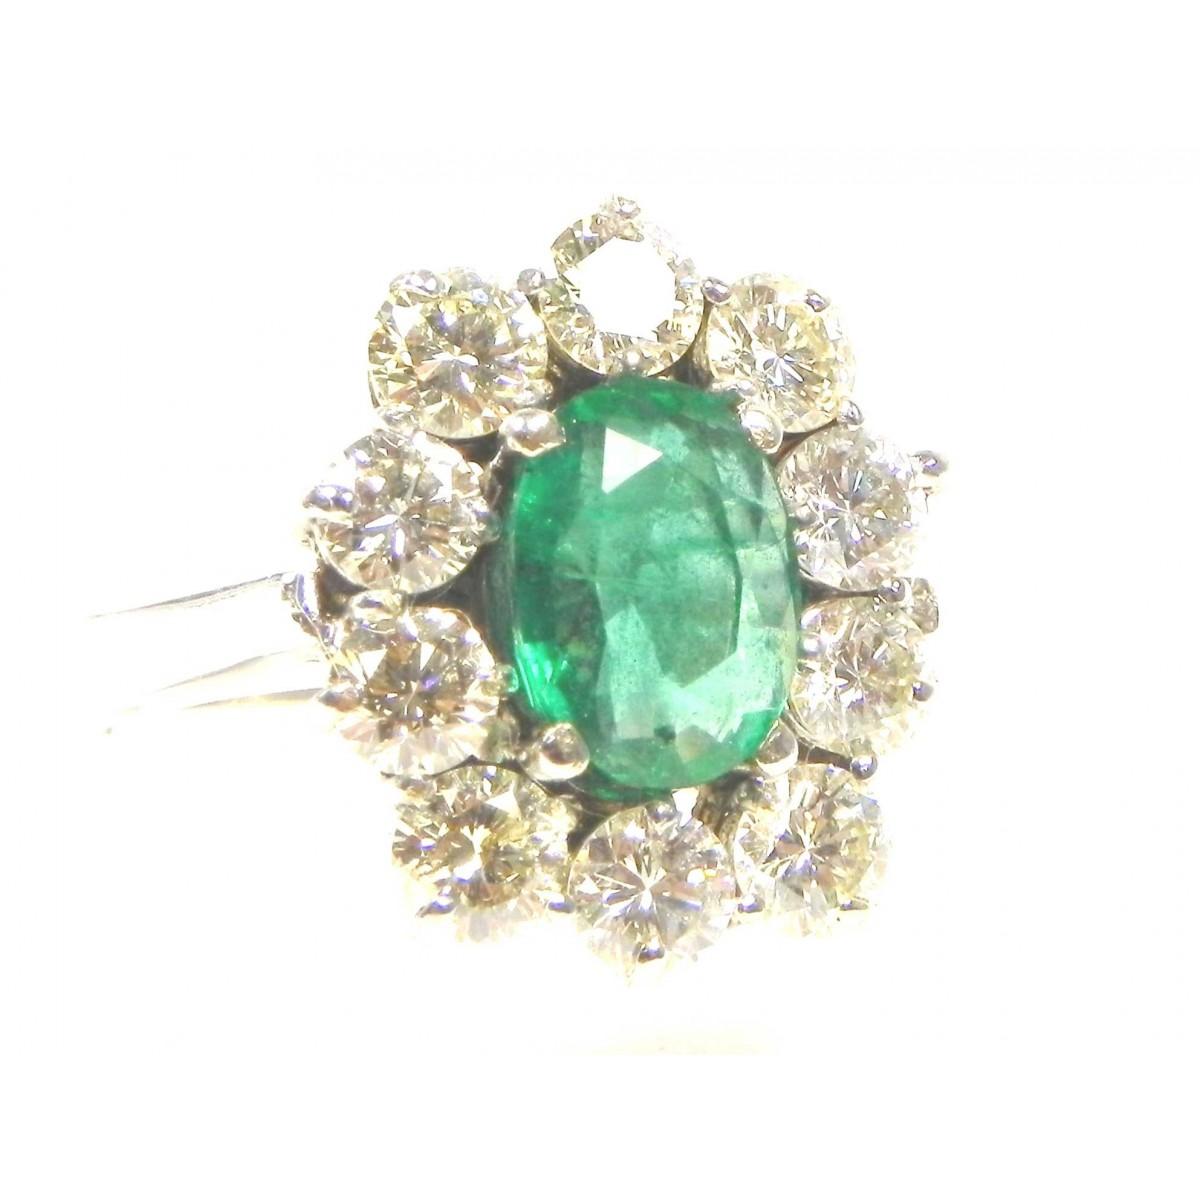 Assez Superbe bague or gris, émeraude et diamants - Muse & Or CL81